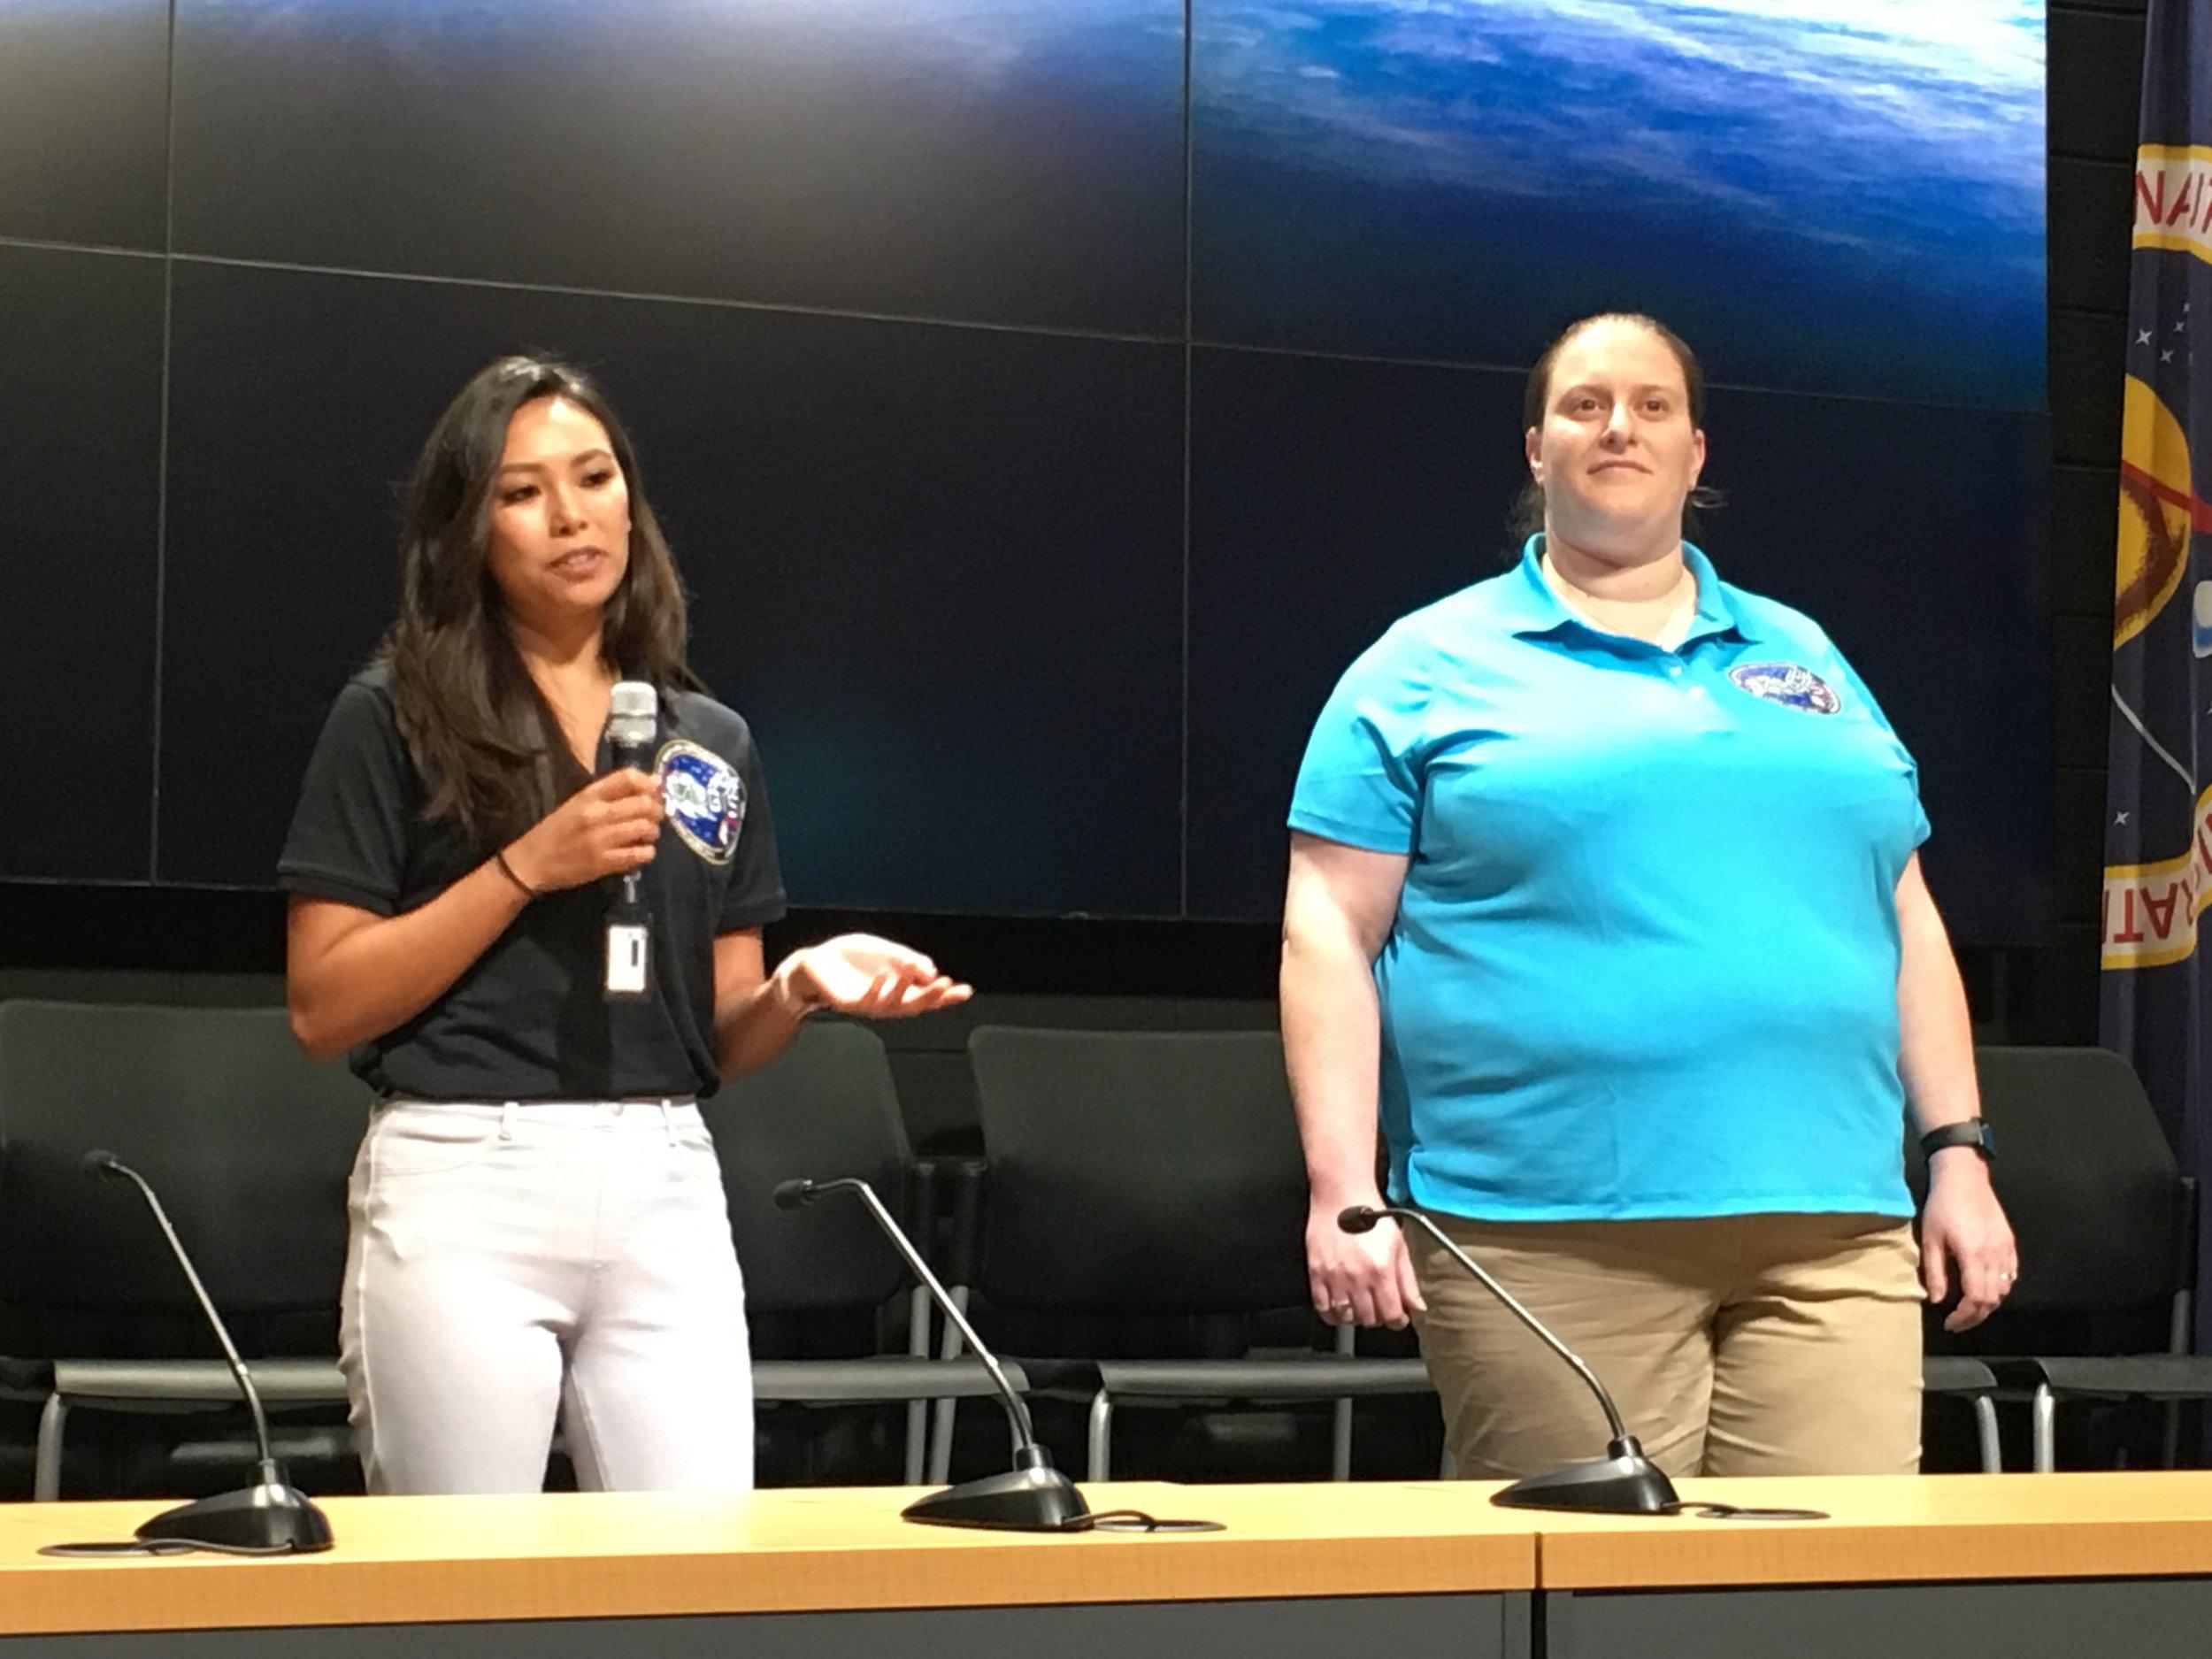 Nina Nishiyama and Trisha Rettig, RR-12, Loma Linda University.